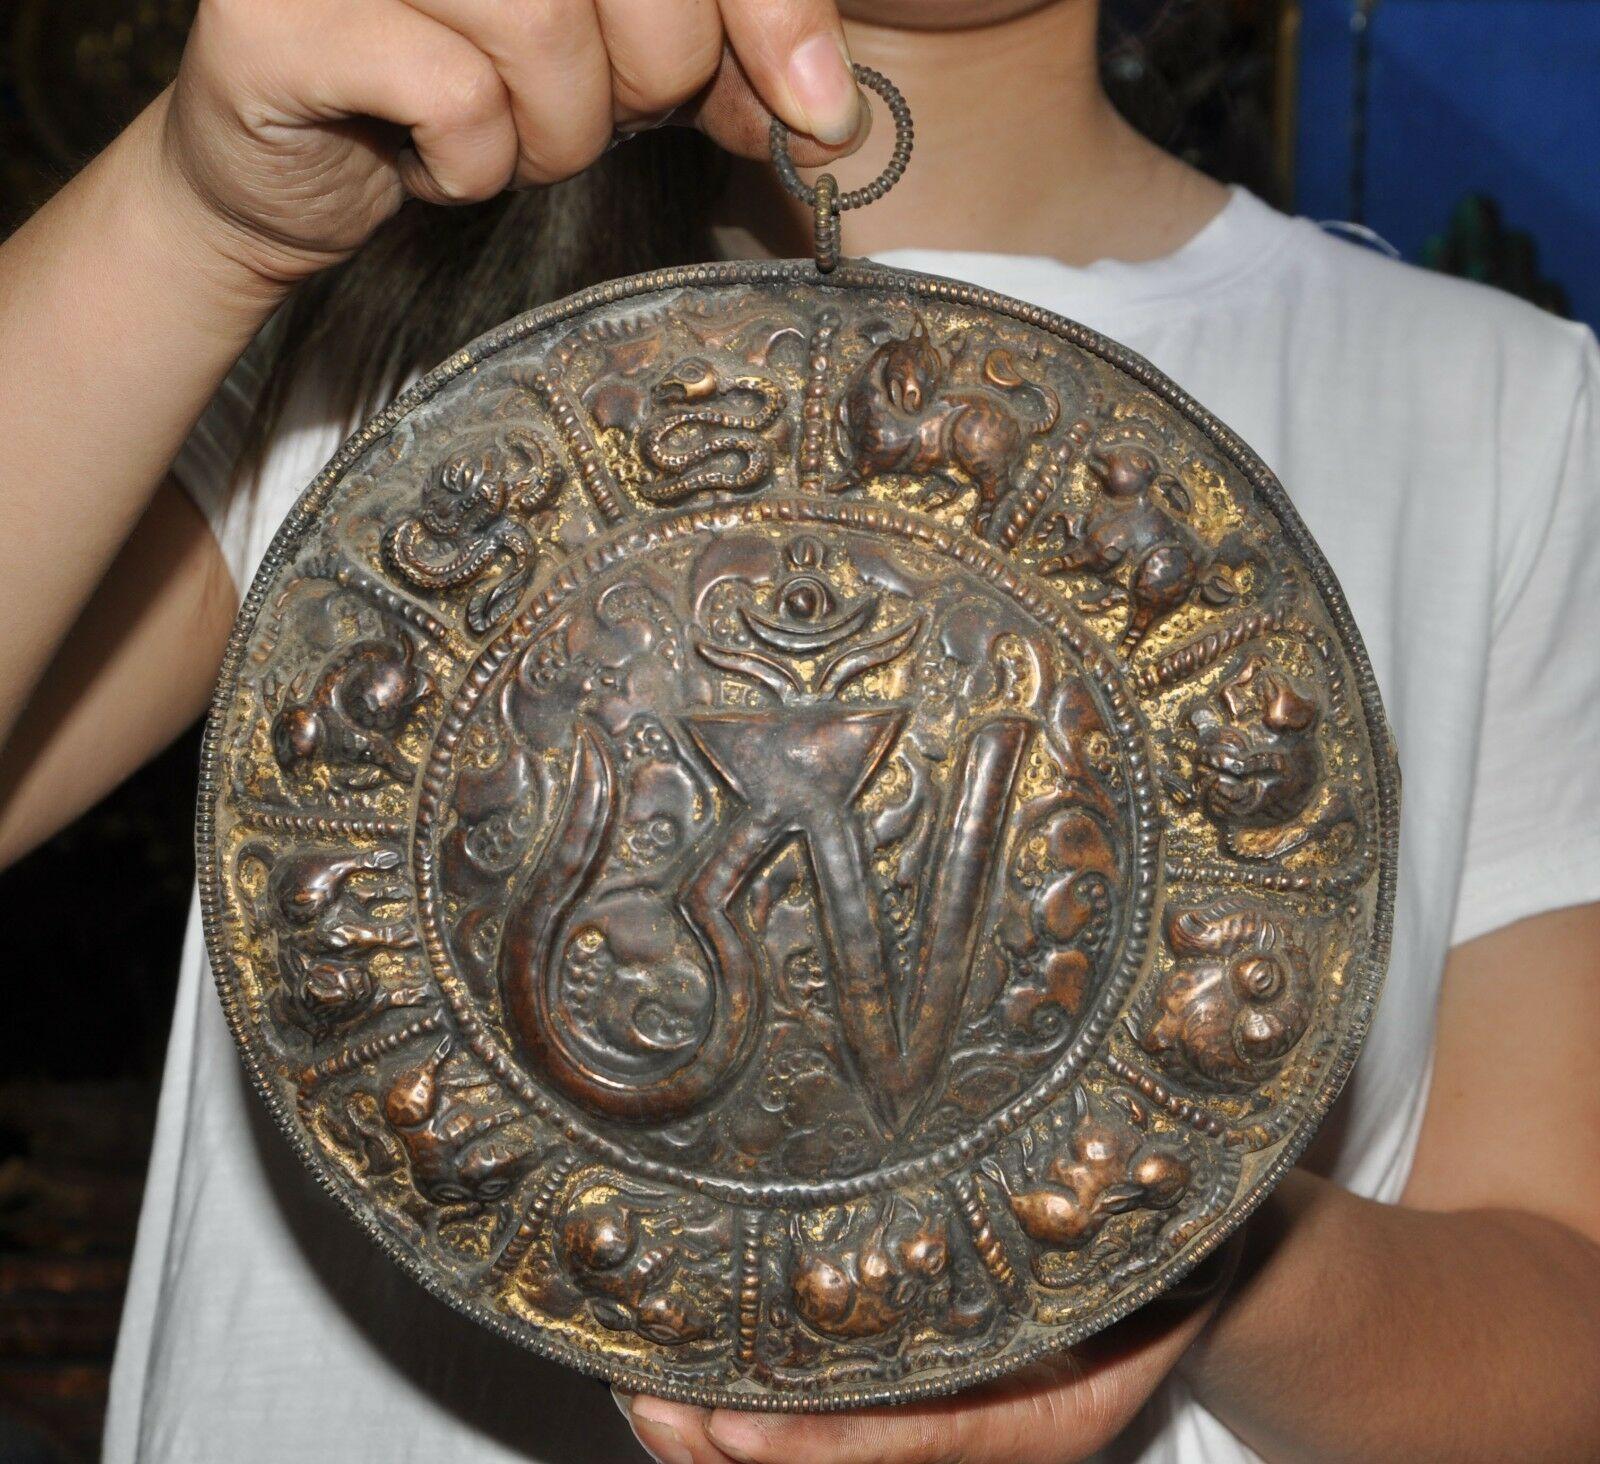 Свадебные украшения 8 Старый тибетский буддизм, бронзовый позолоченный знак зодиака животных Сутра настенный Tangka